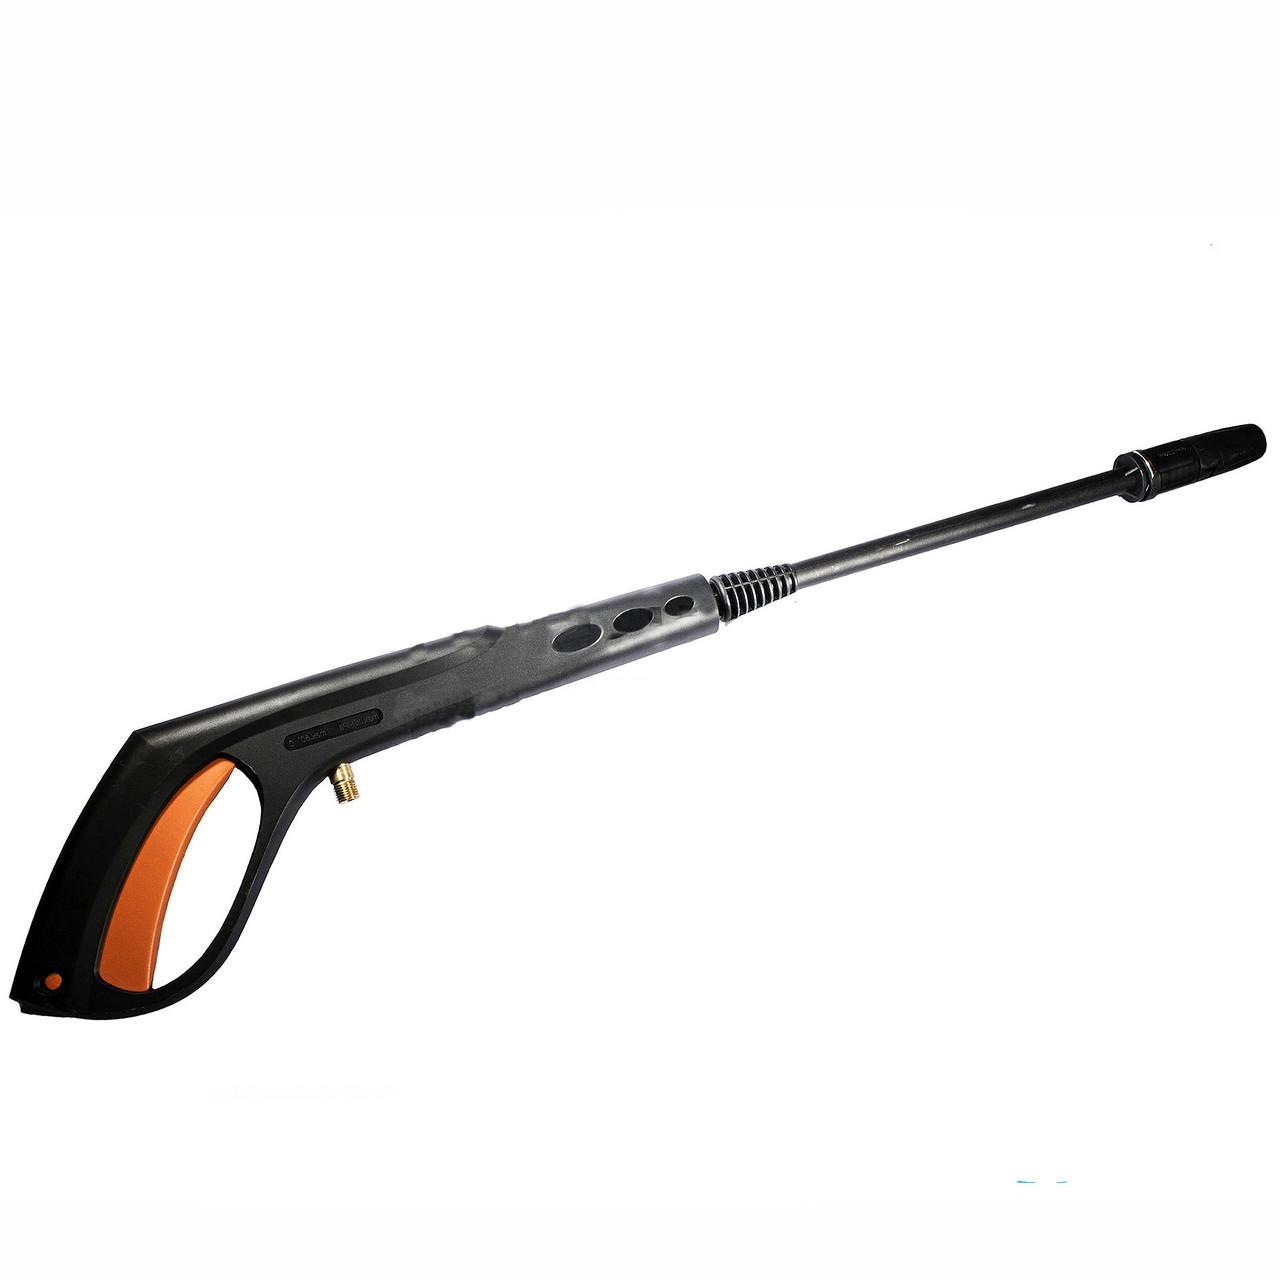 Пистолет Iron для мойки высокого давления Р*14 мм (латунное соединение)